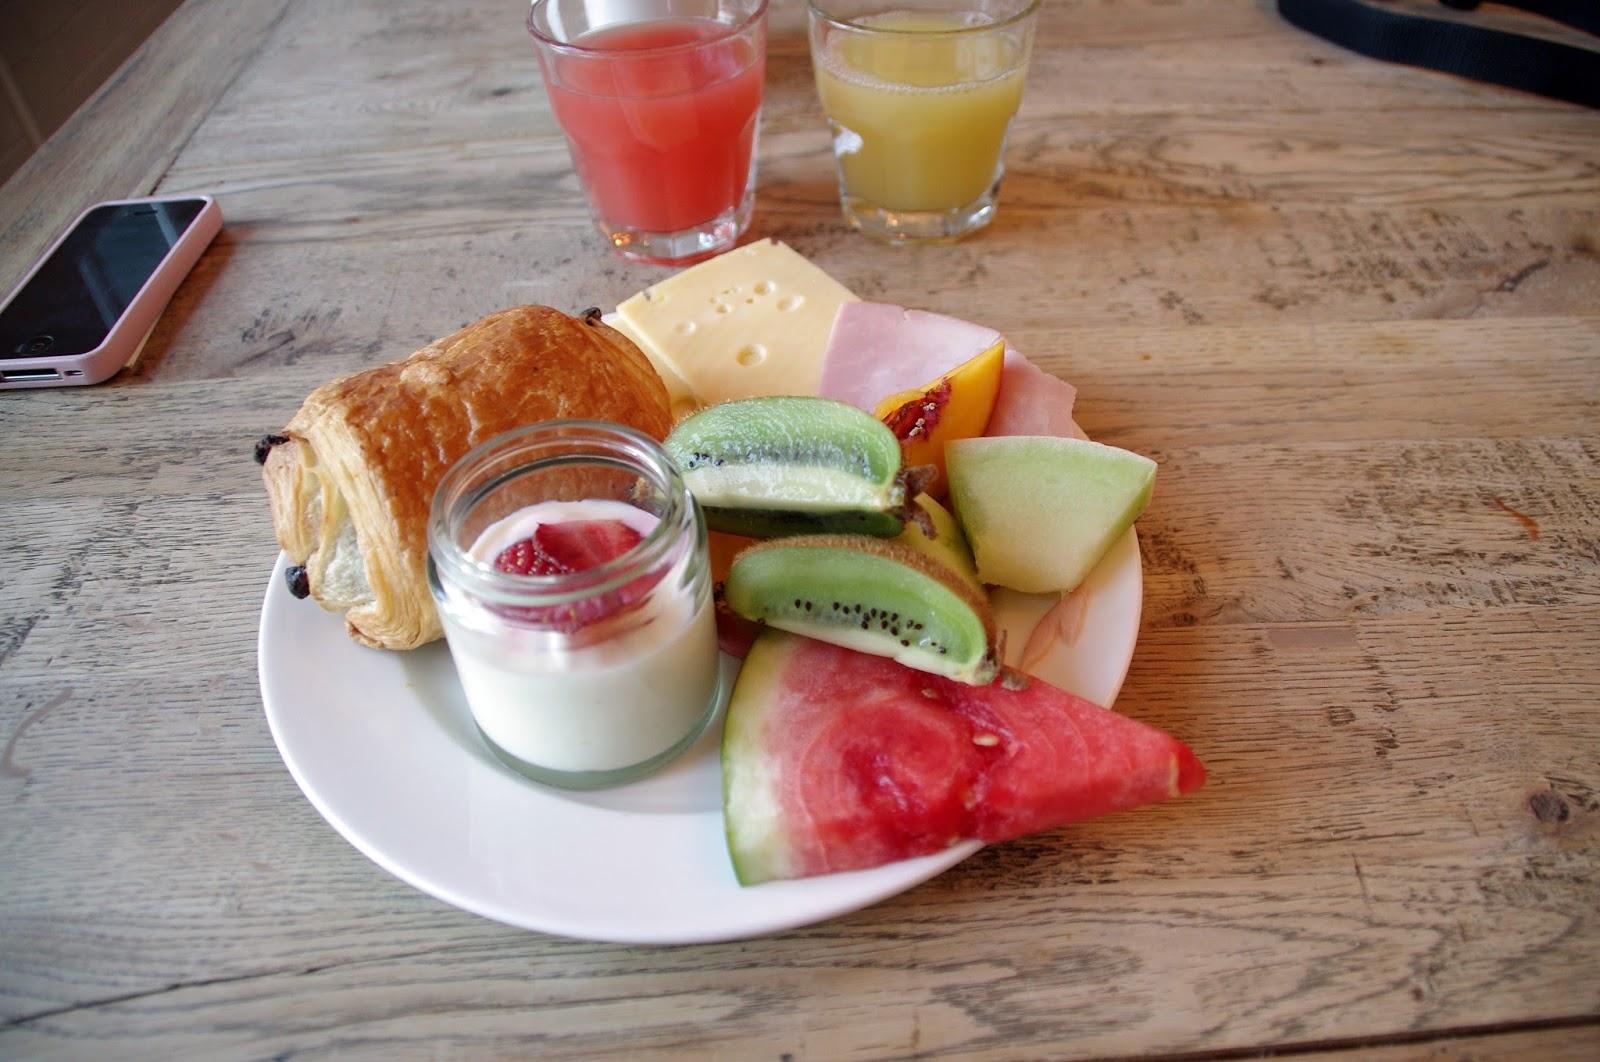 Delicious breakfast from watsons bay luxury hotel